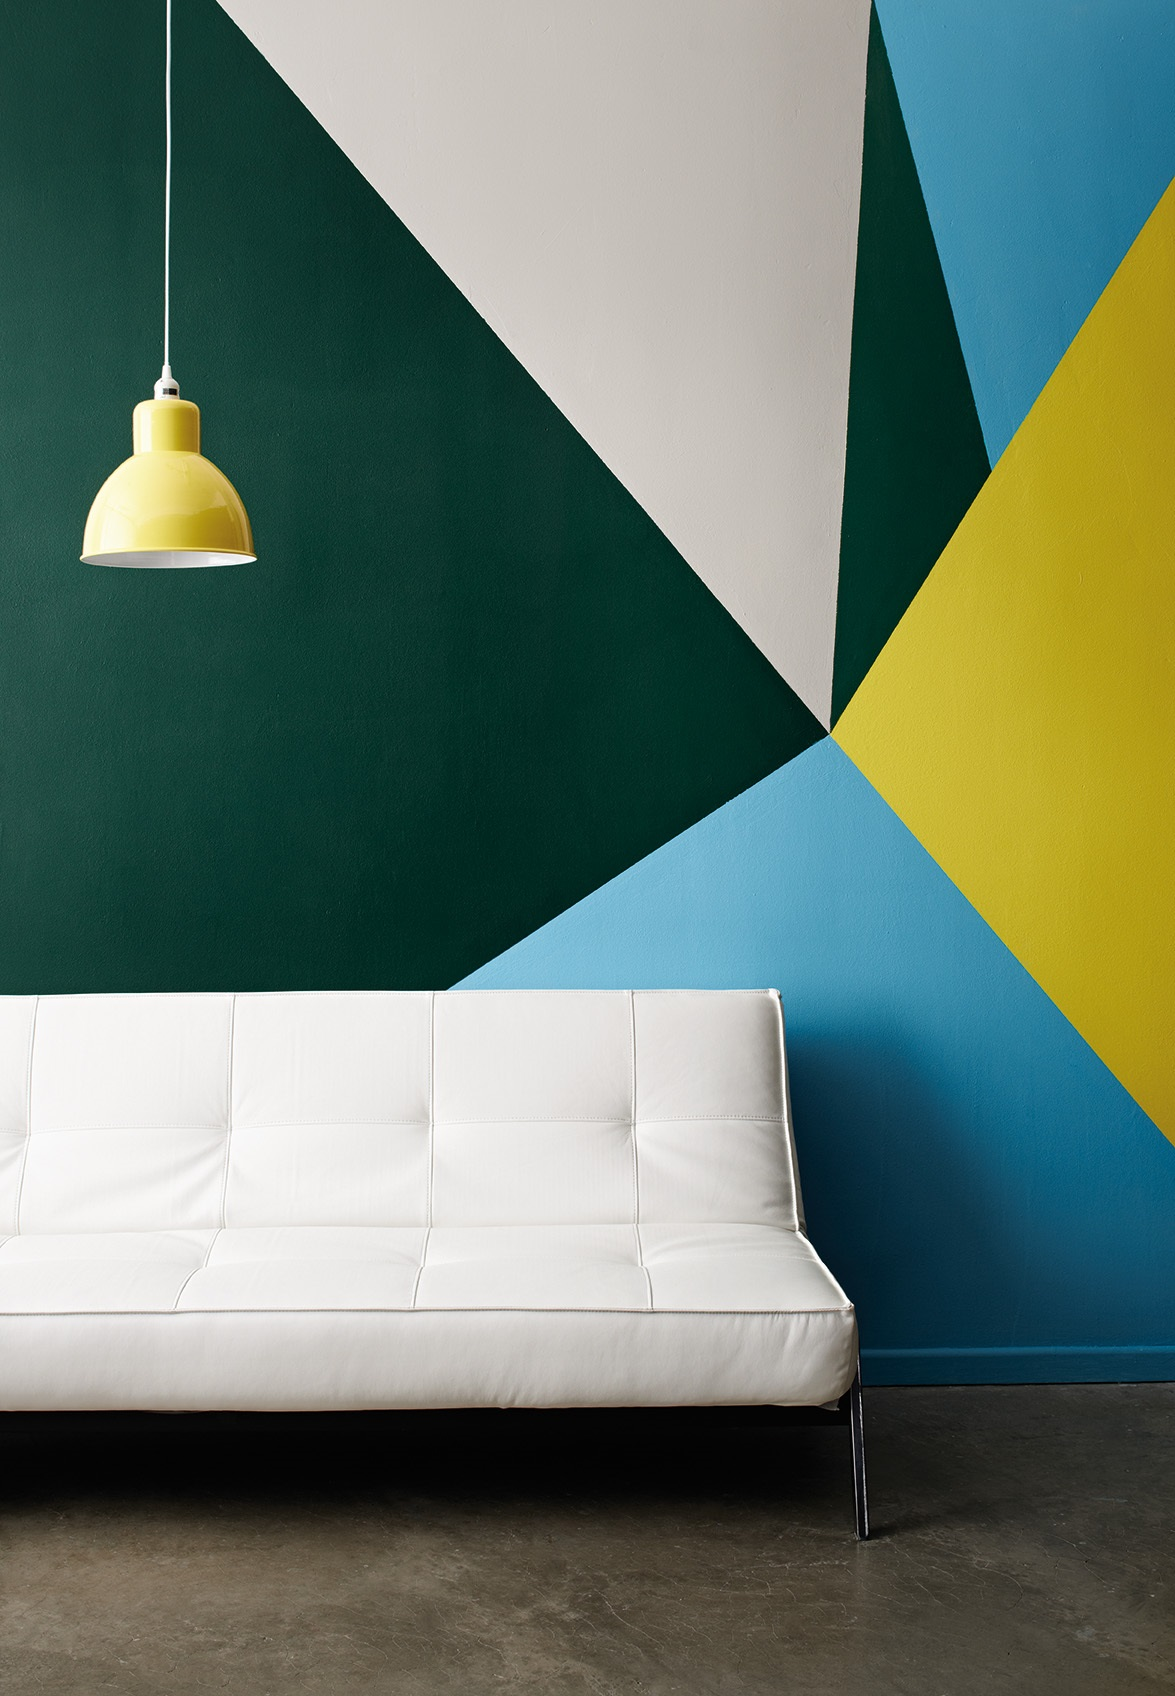 Дизайн стен с геометрическими фигурами